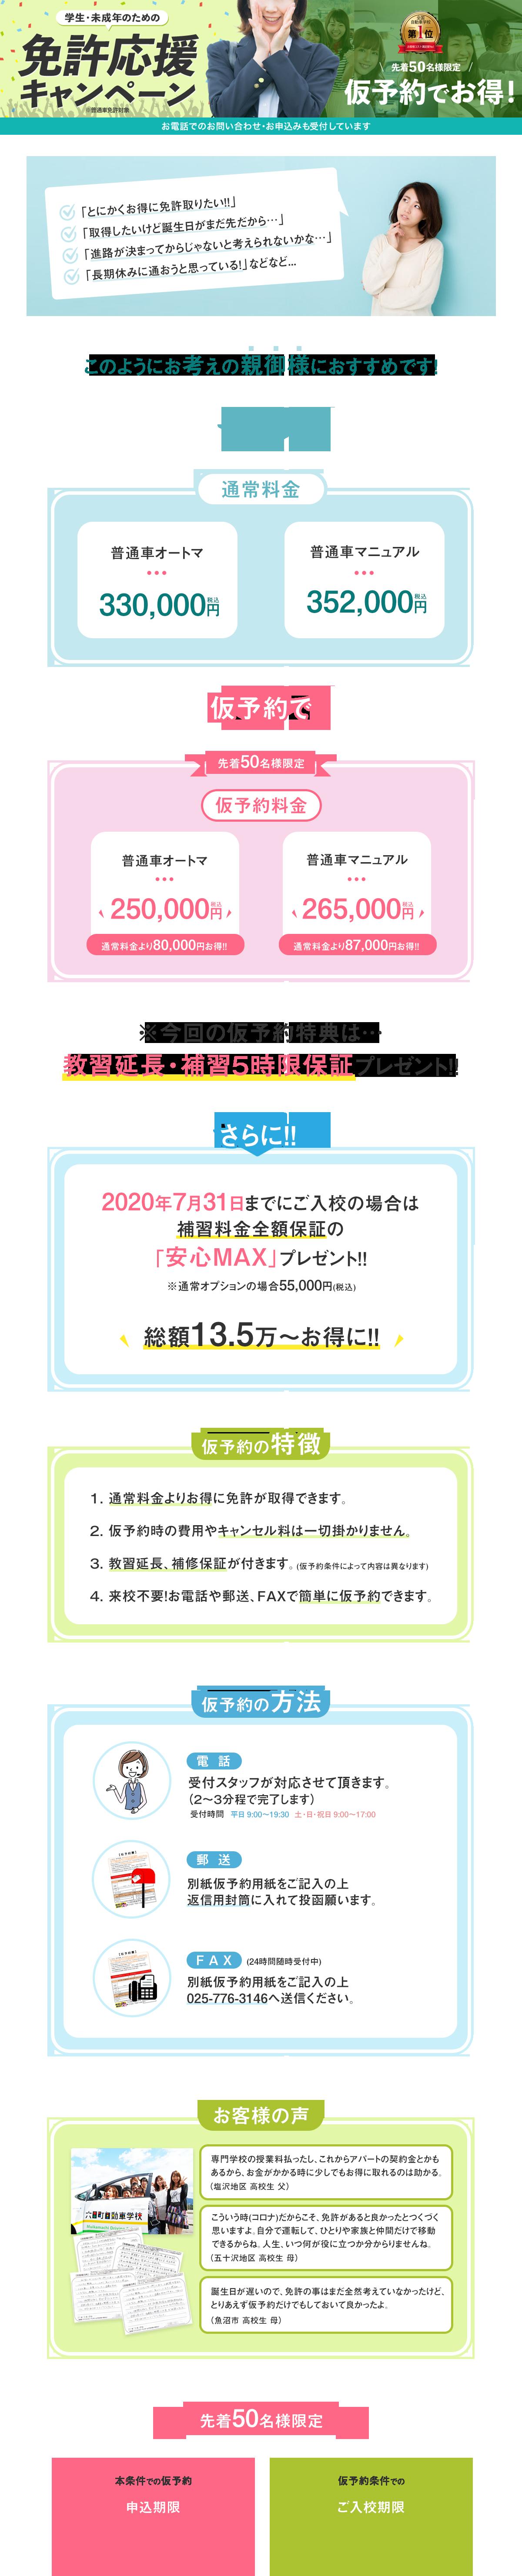 kariyoyaku_campaign_img01